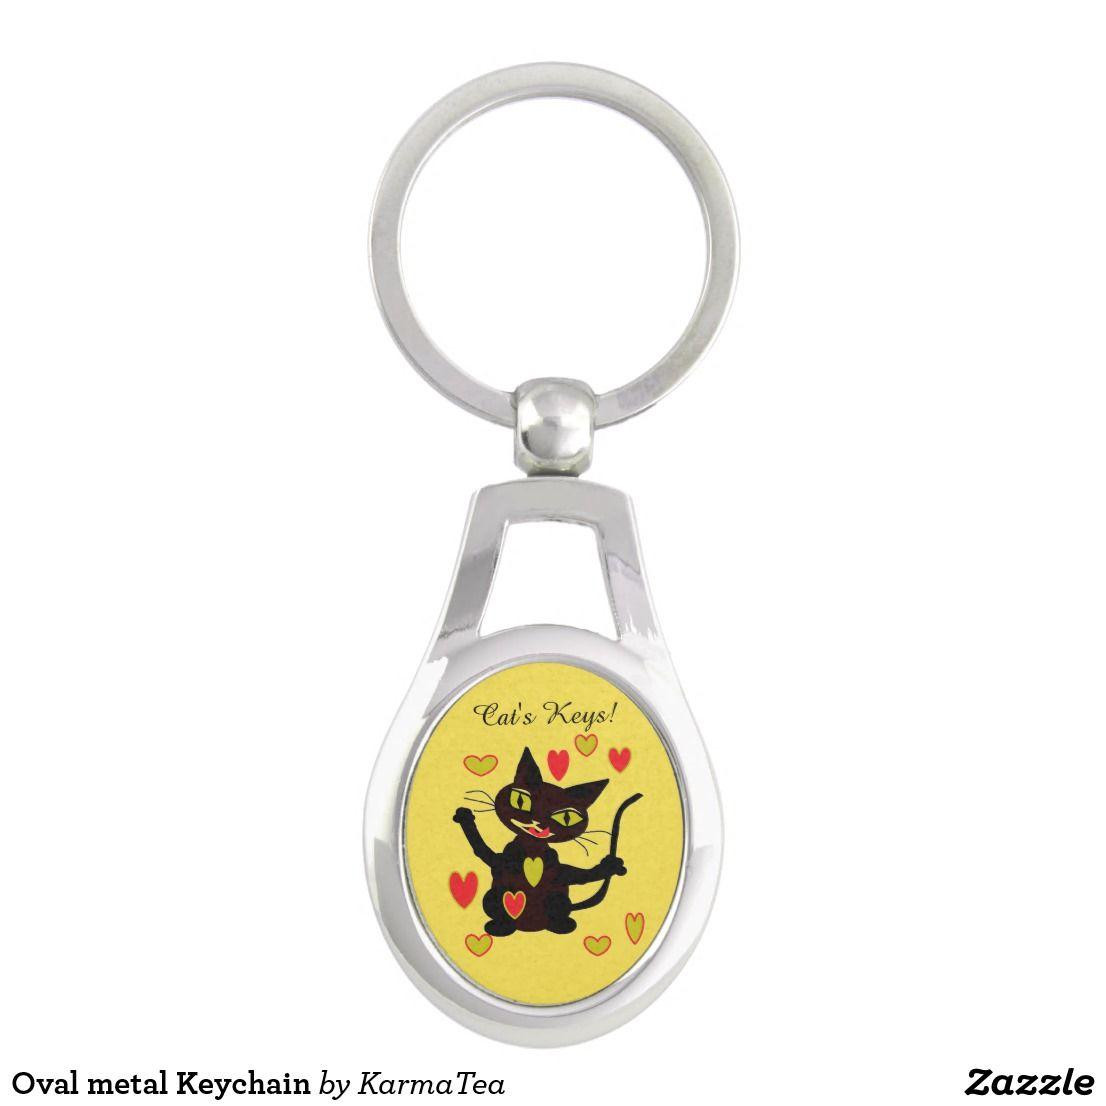 Oval Metal Keychain Zazzle